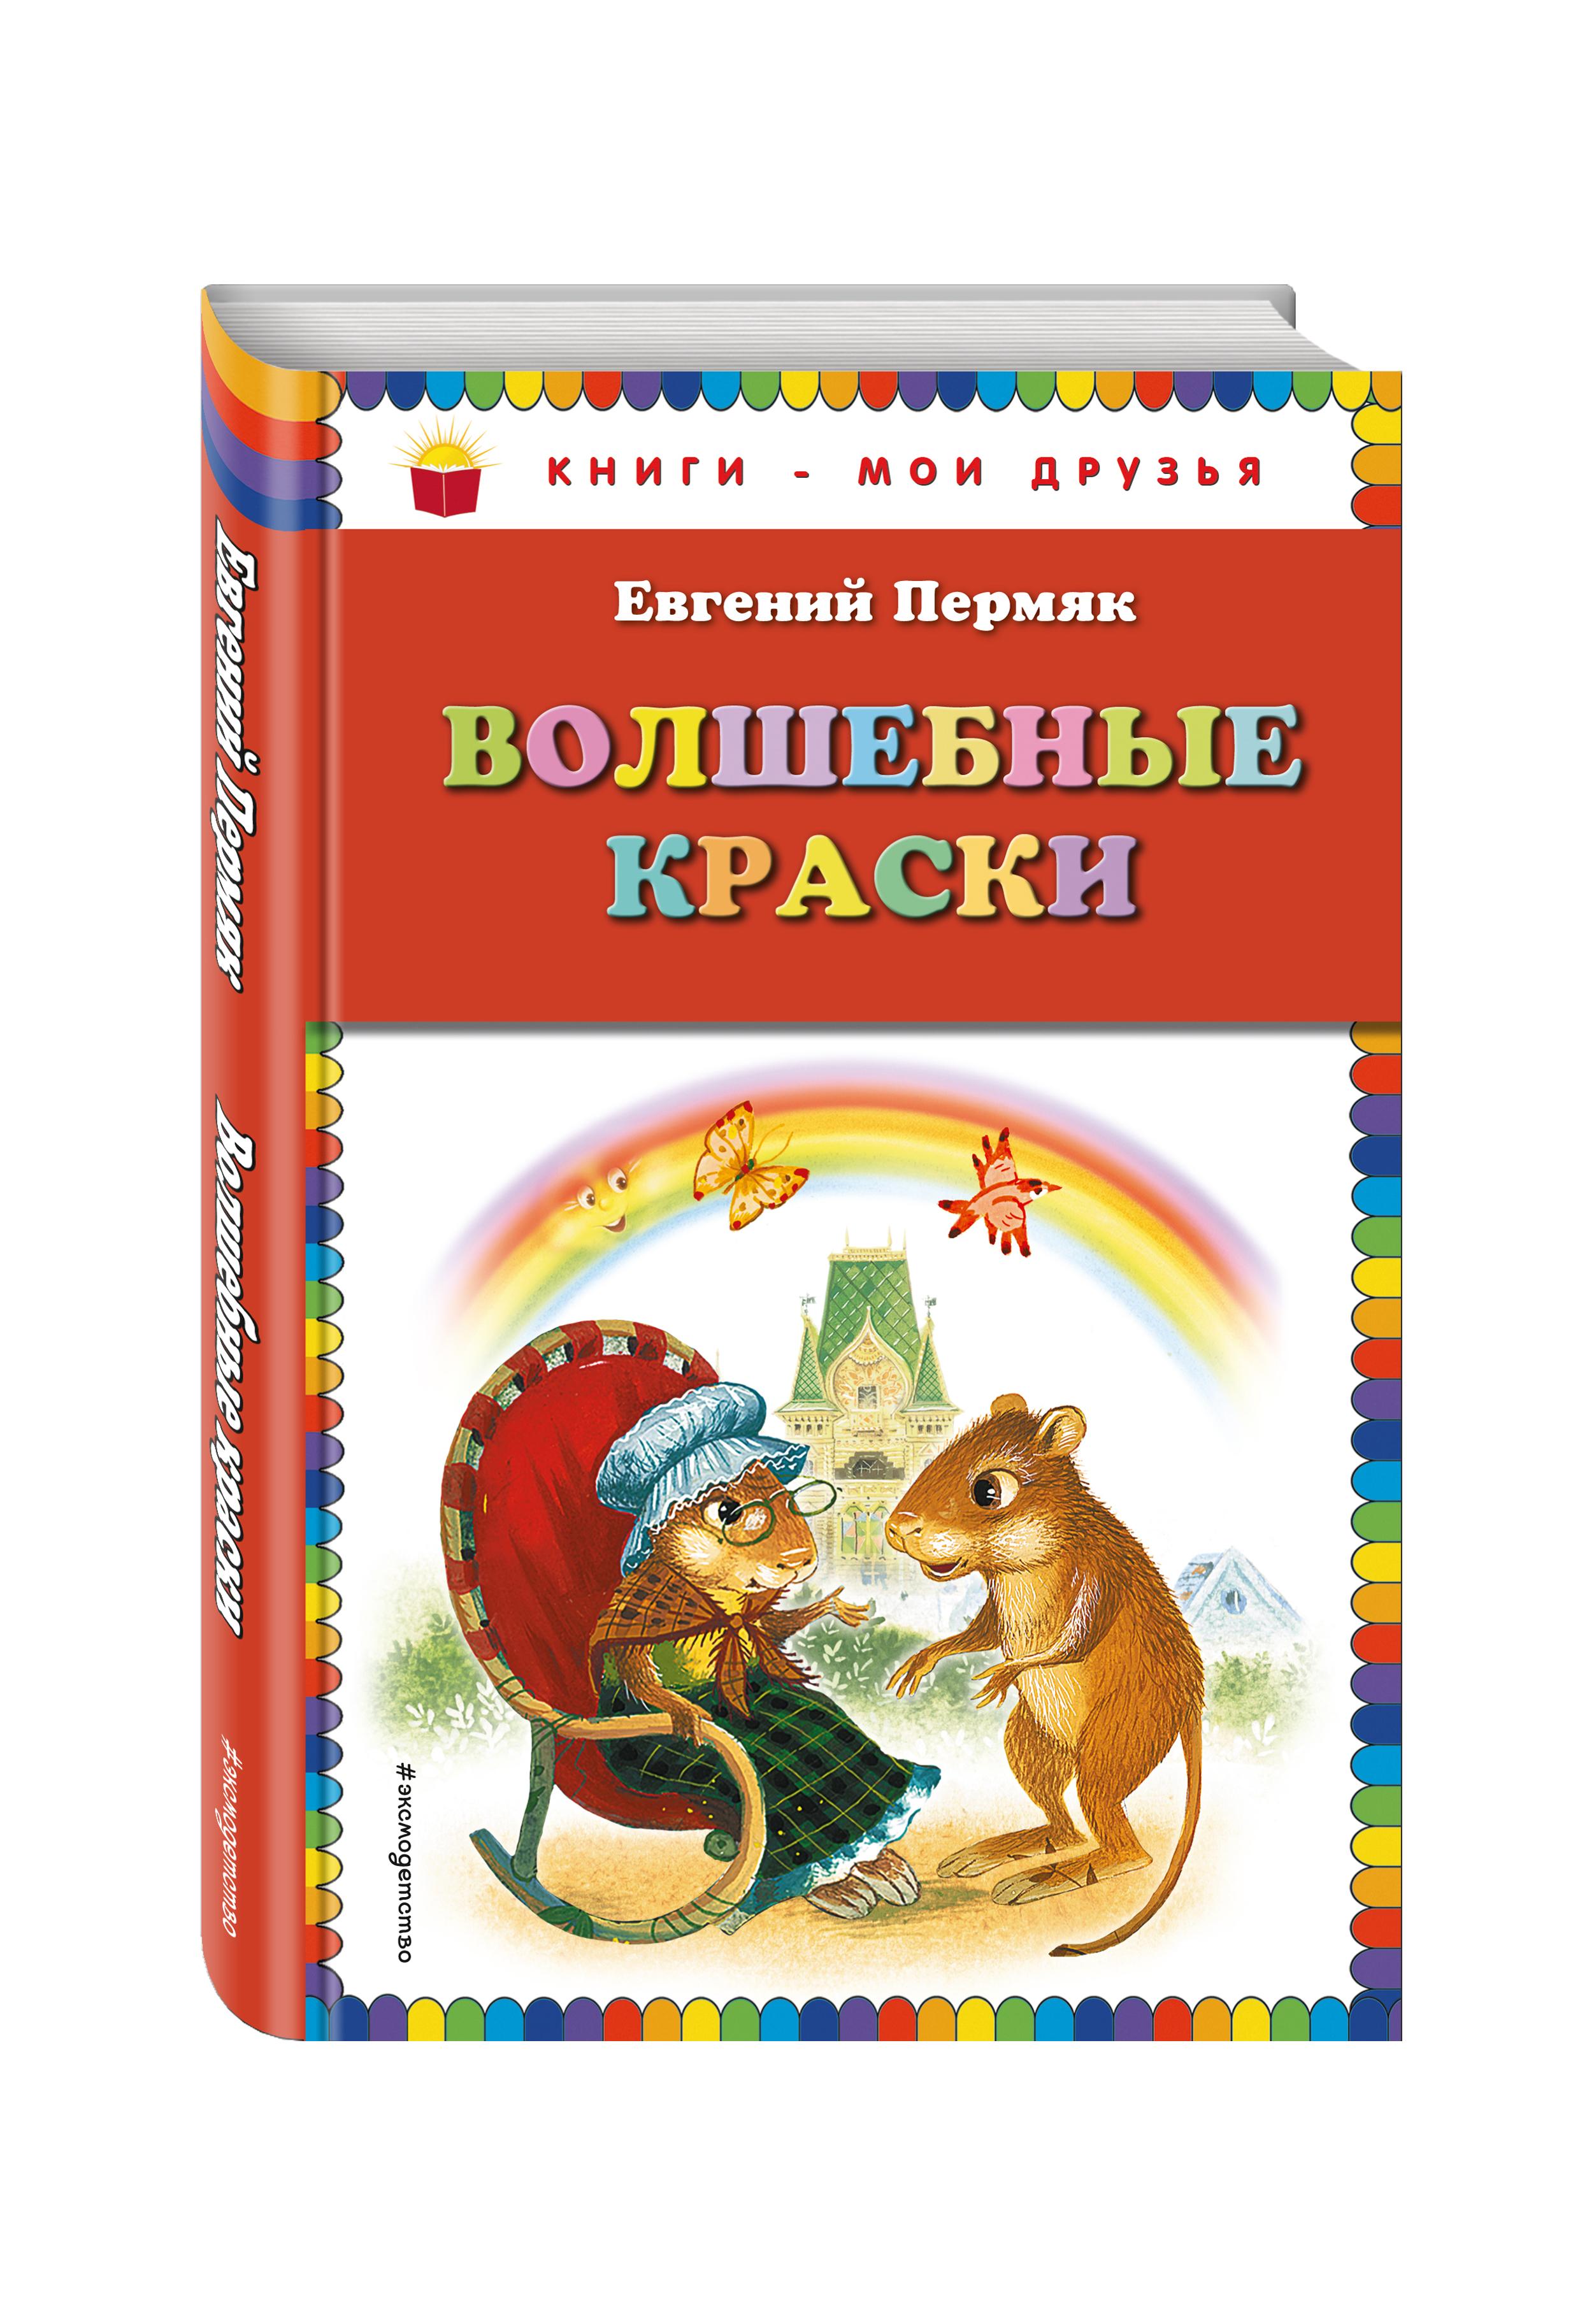 Волшебные краски (ст. изд.)